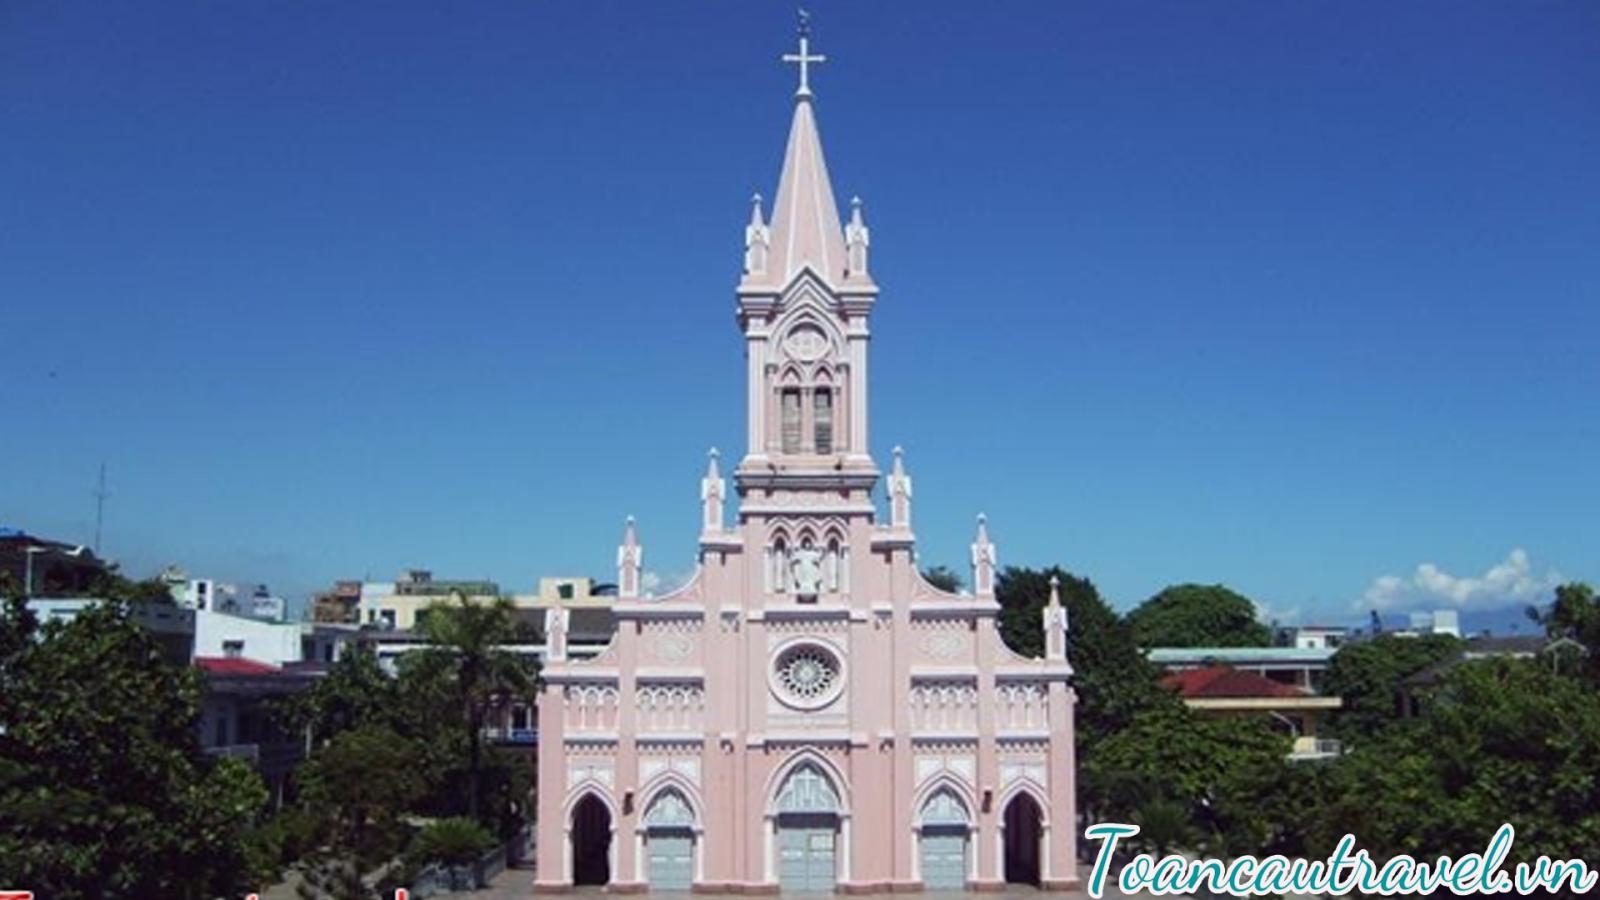 Nhà Thờ Con Gà là nhà thờ duy nhất được xây dựng vào thời kỳ Pháp thuộc